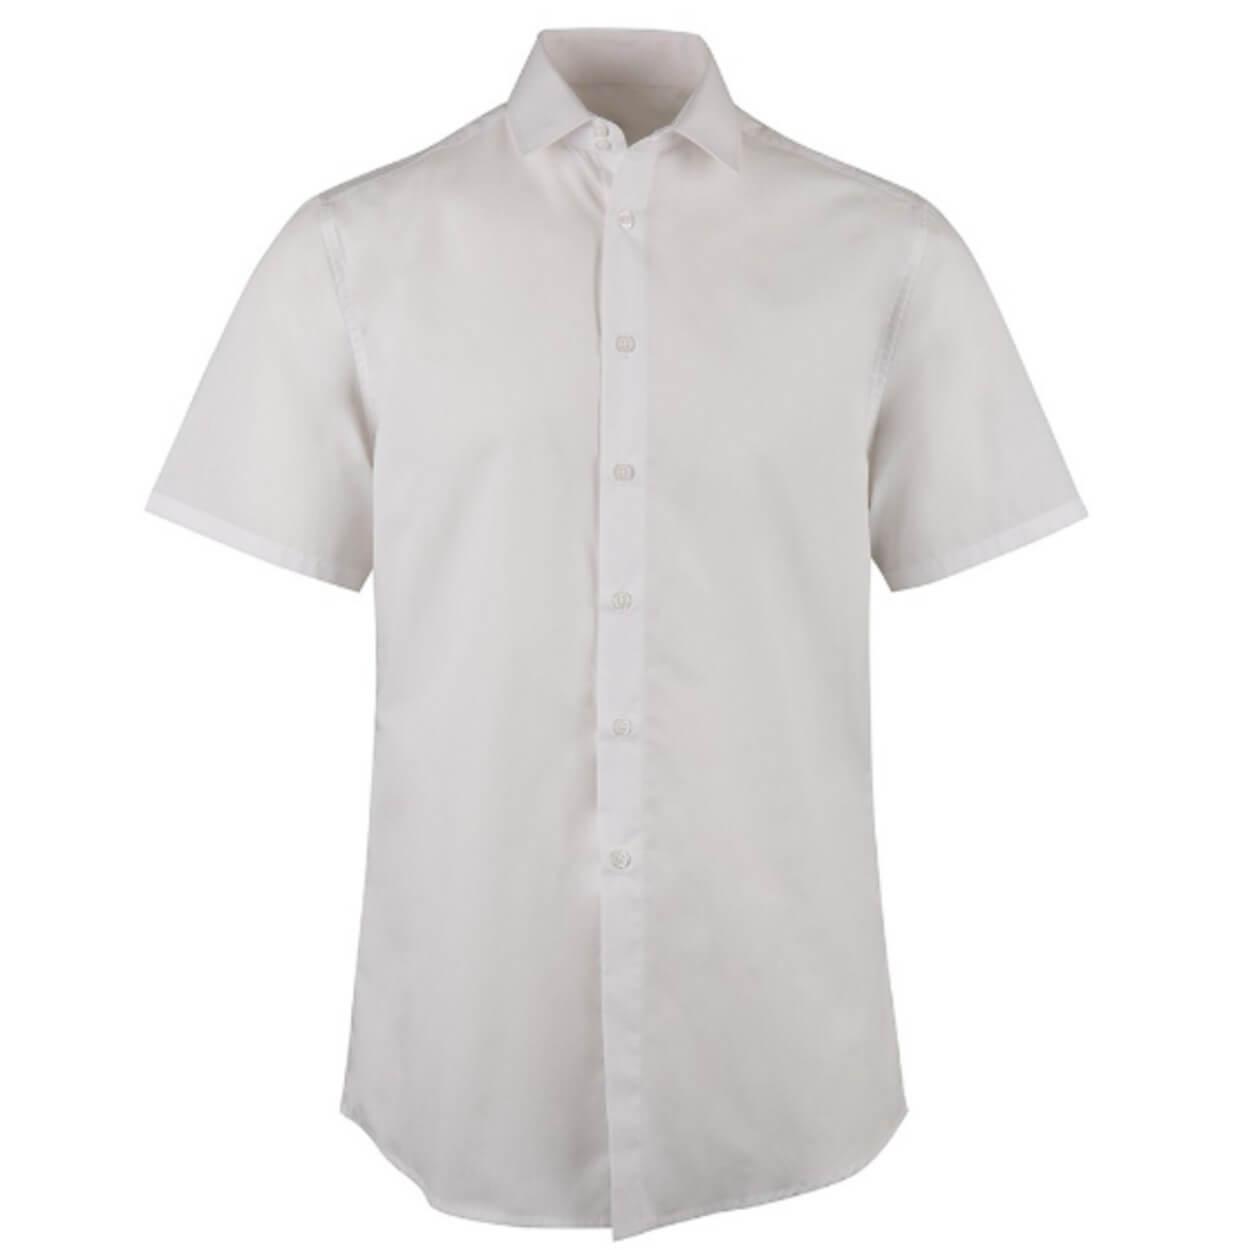 Ανδρικό μοντέρνο κοντομάνικο πουκάμισο